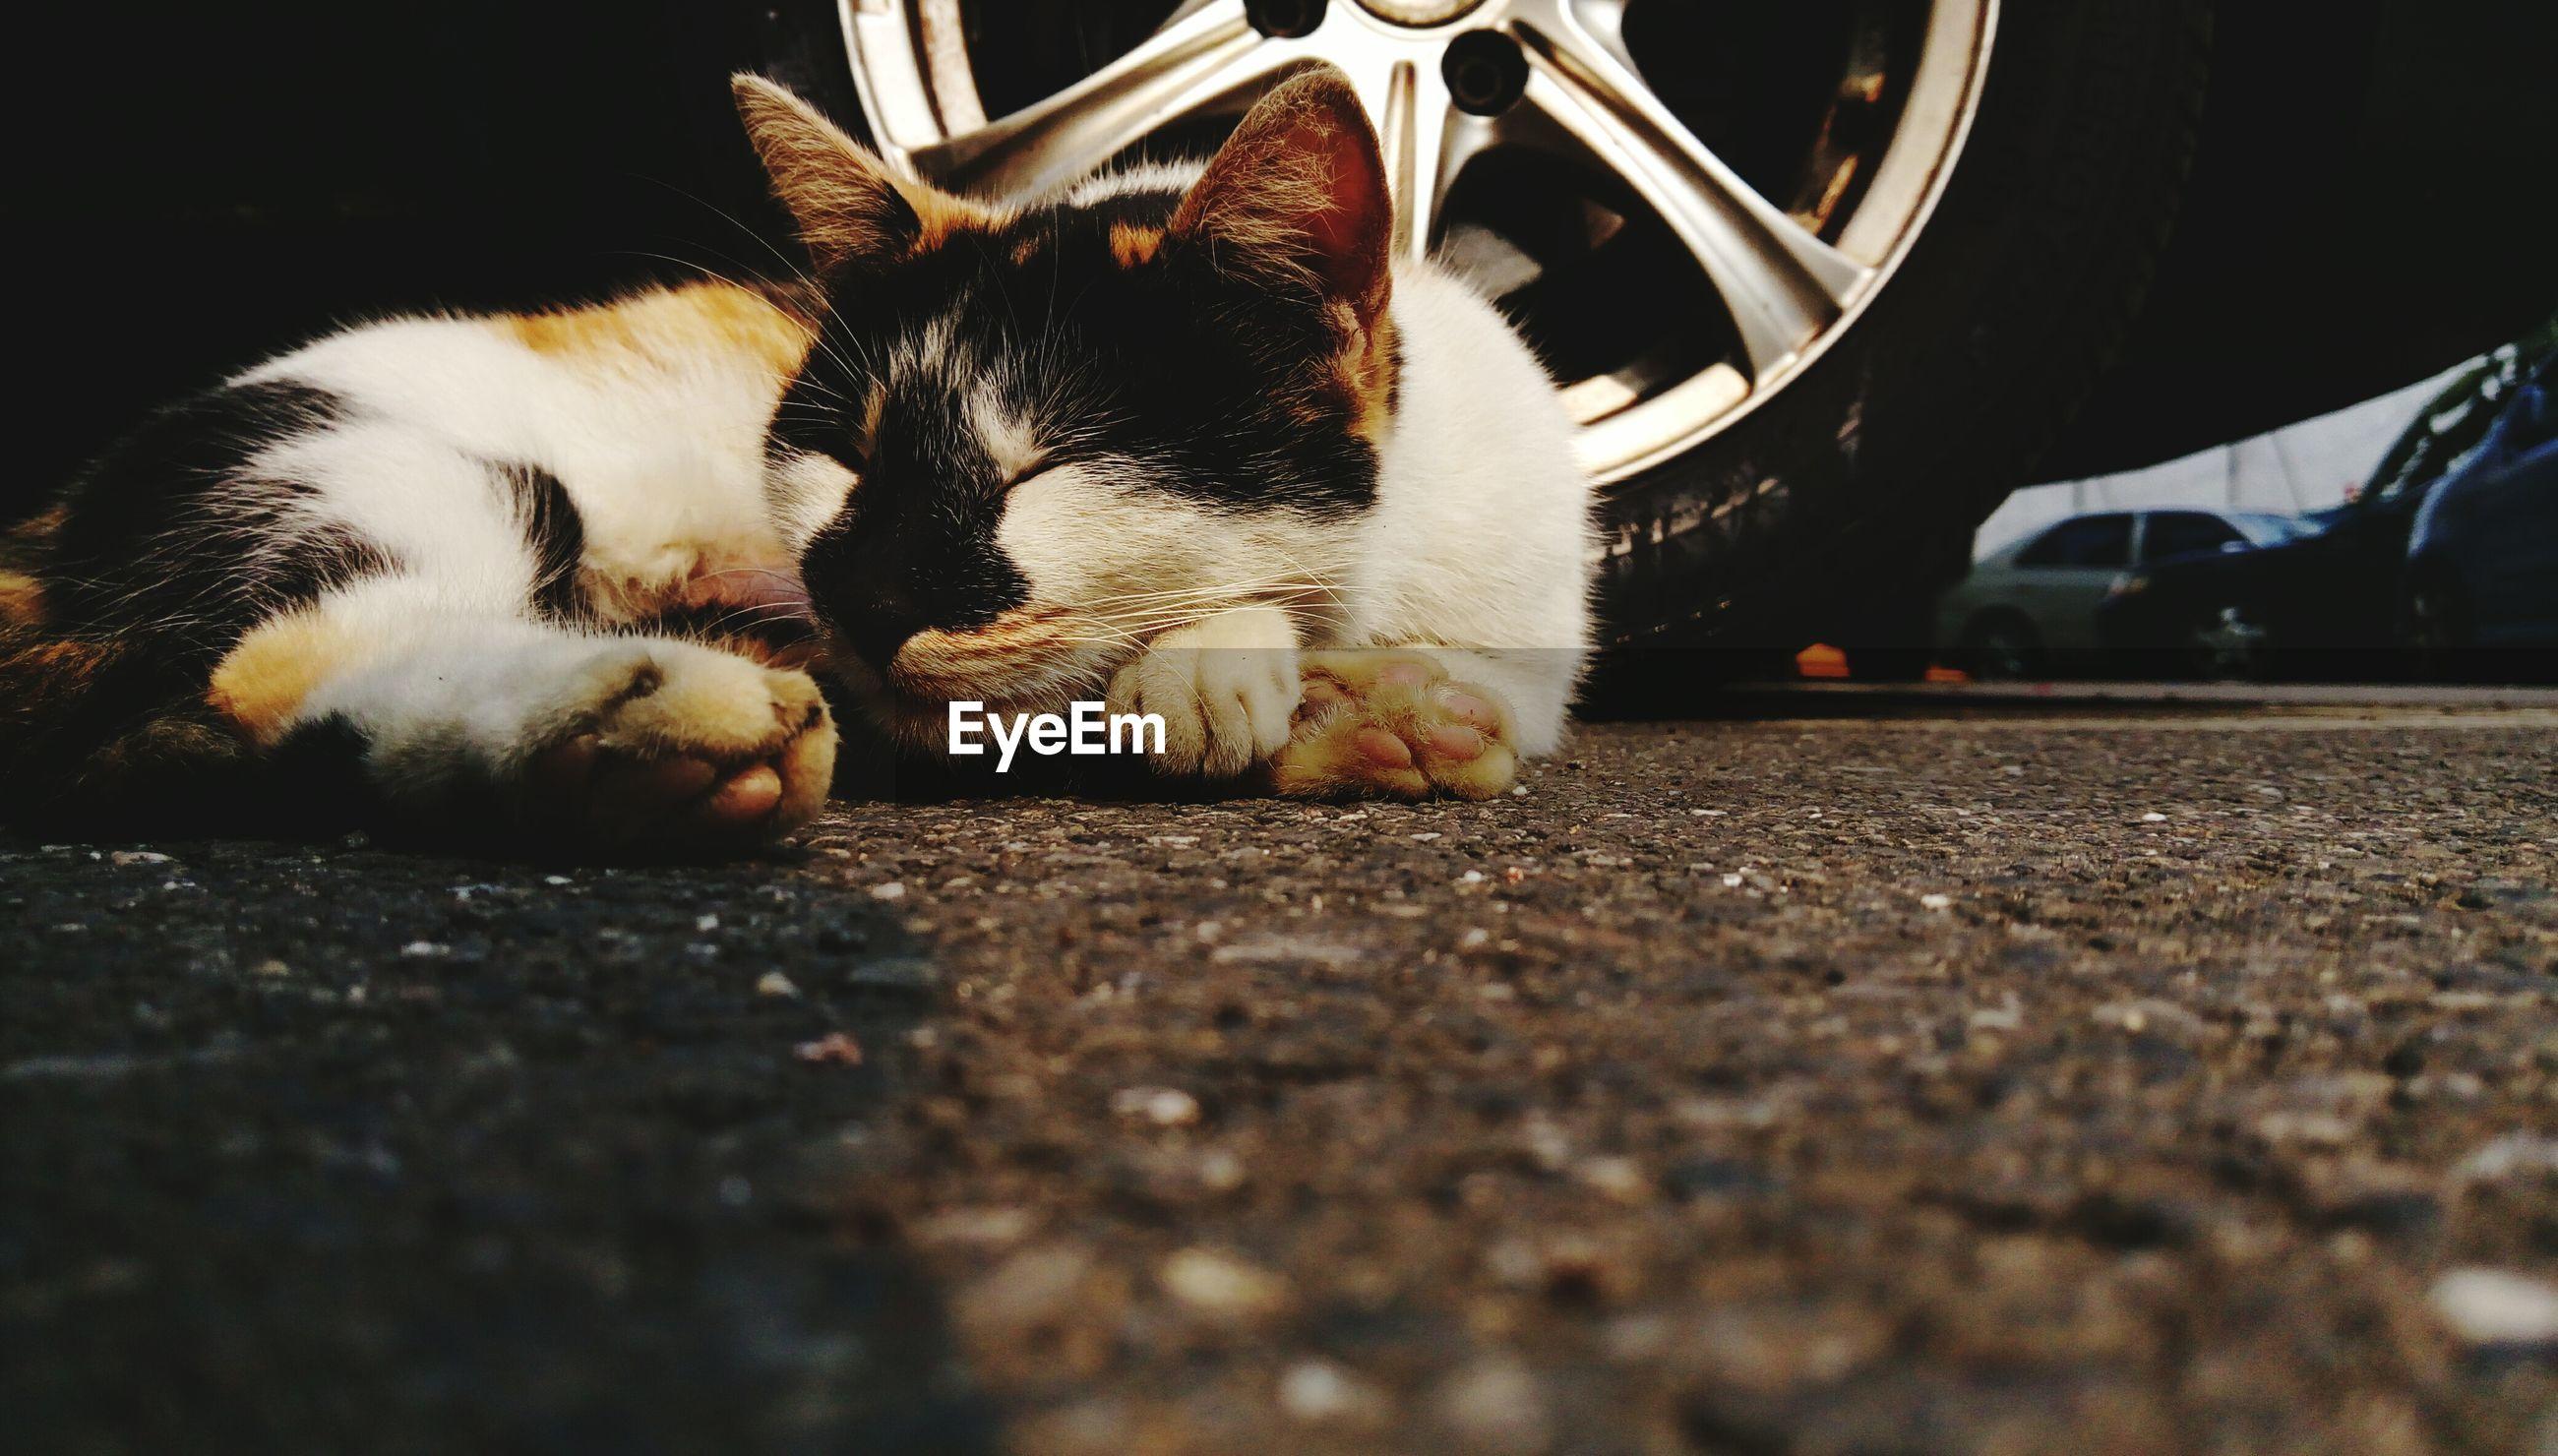 Cat sleeping in parking lot